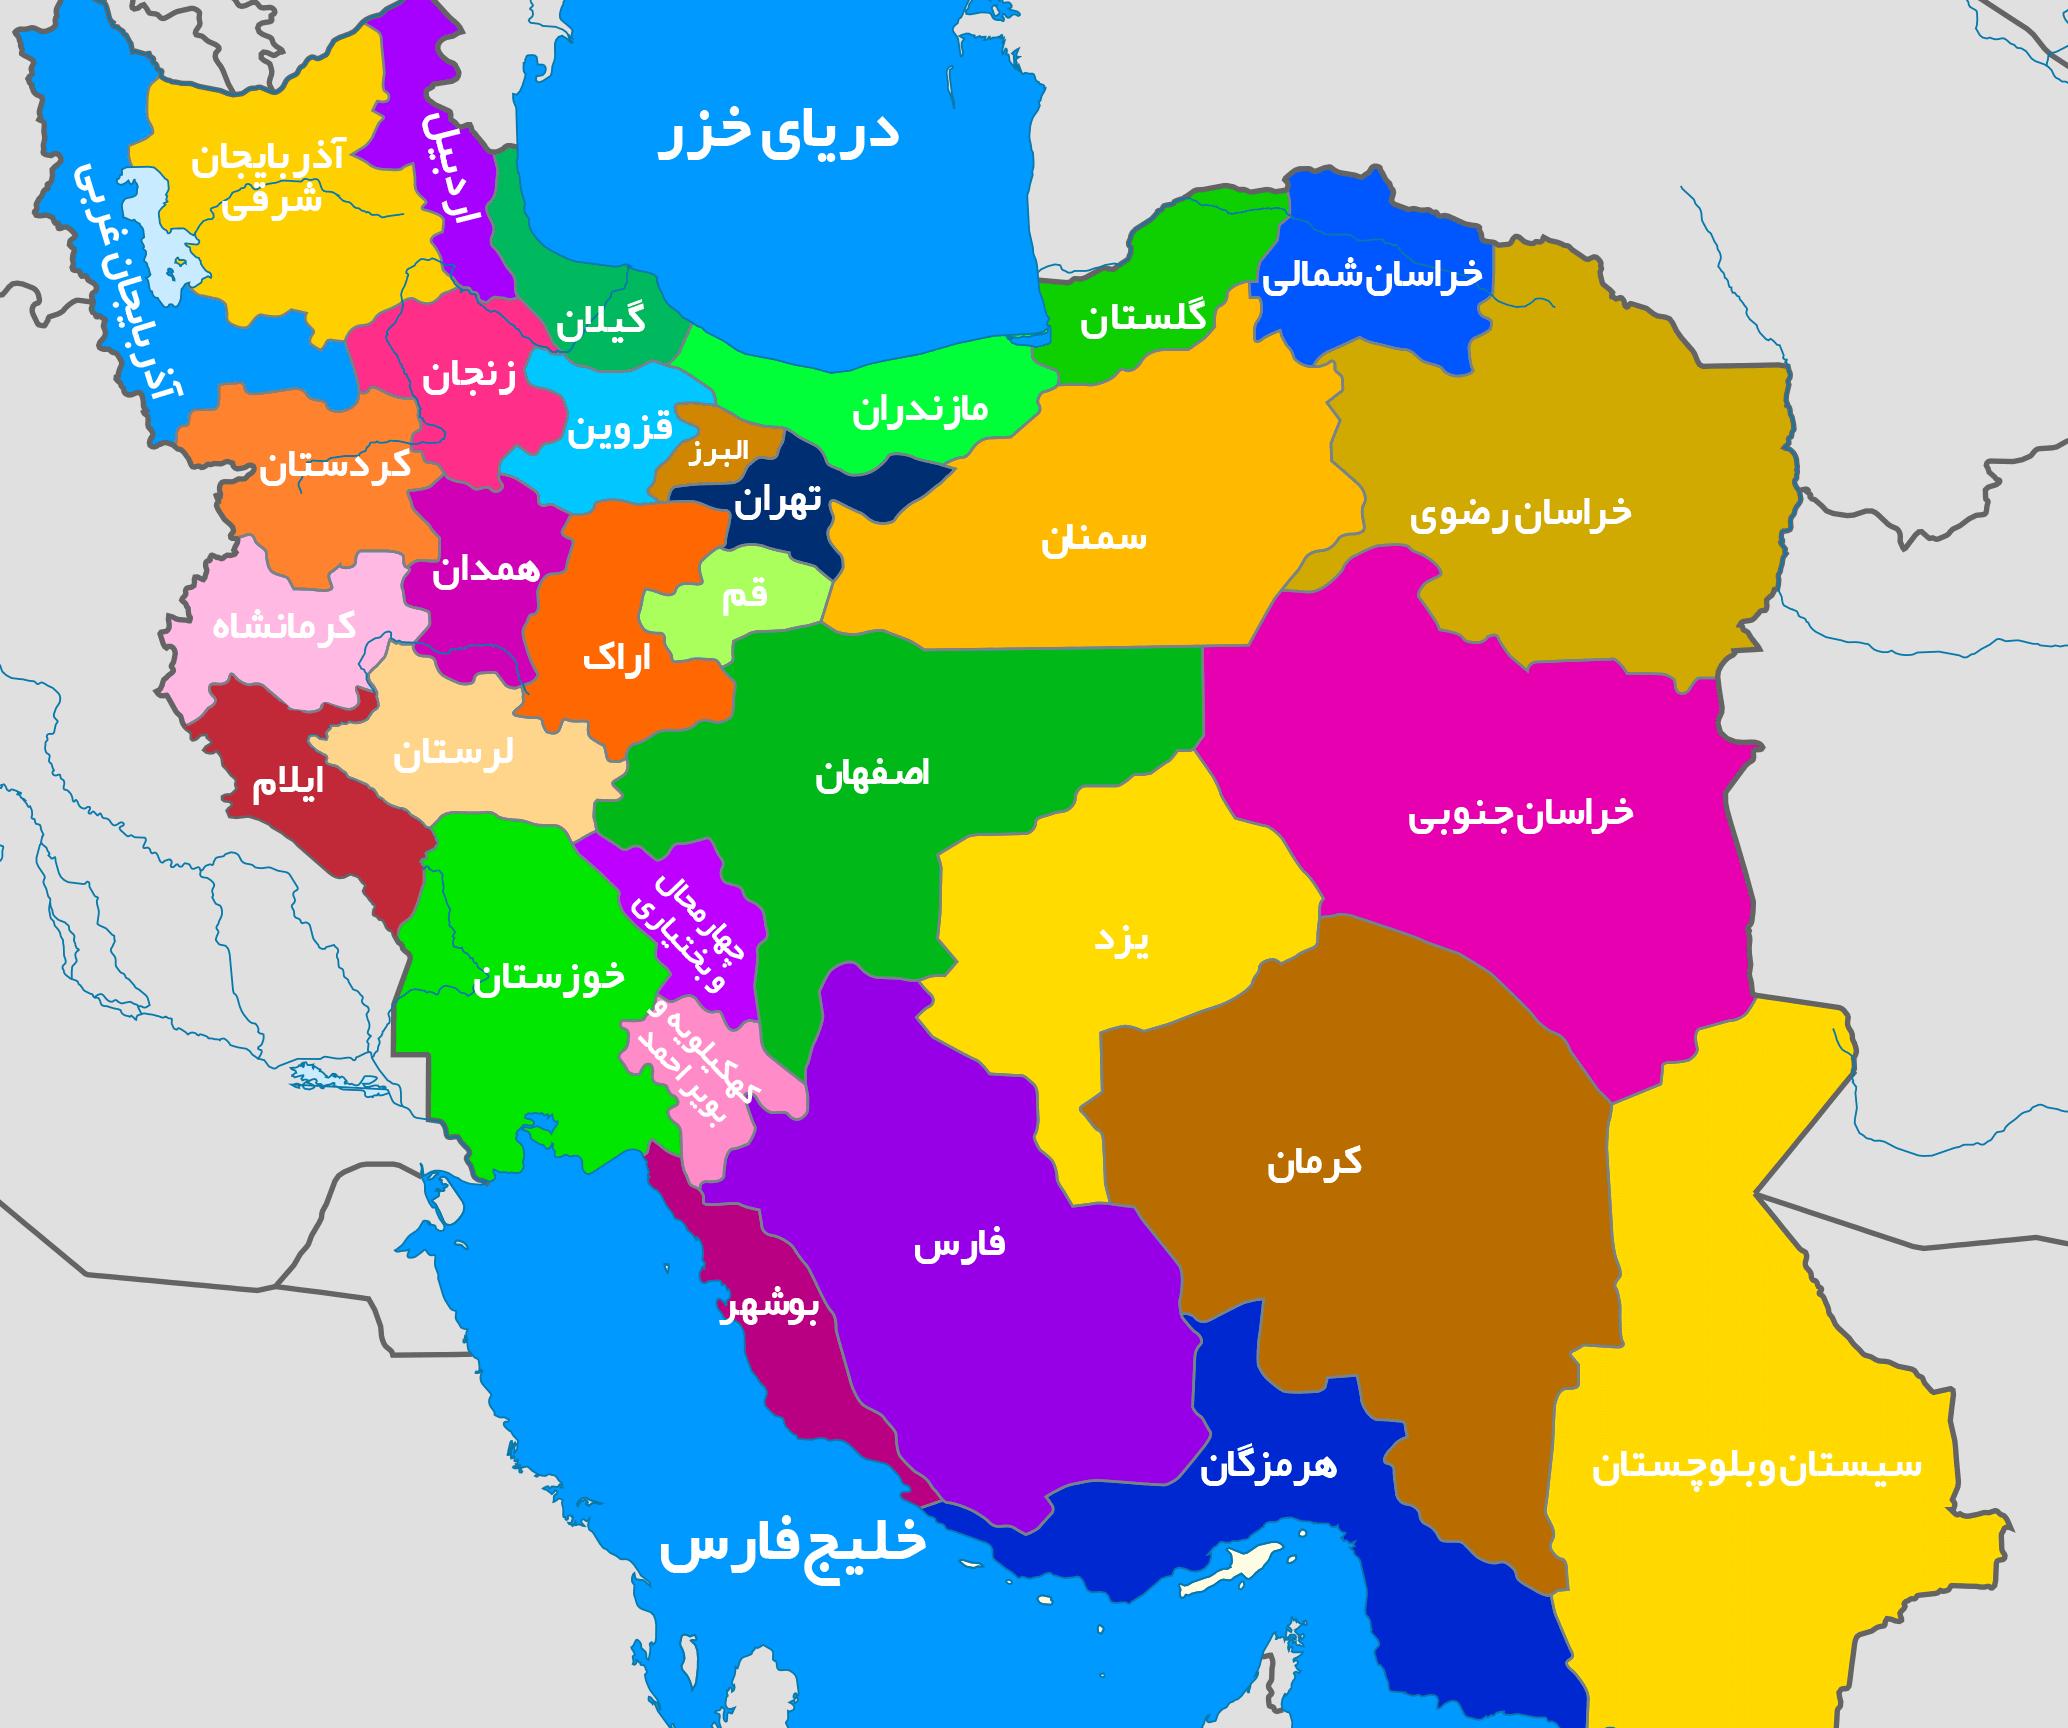 نقشه استانی ایران